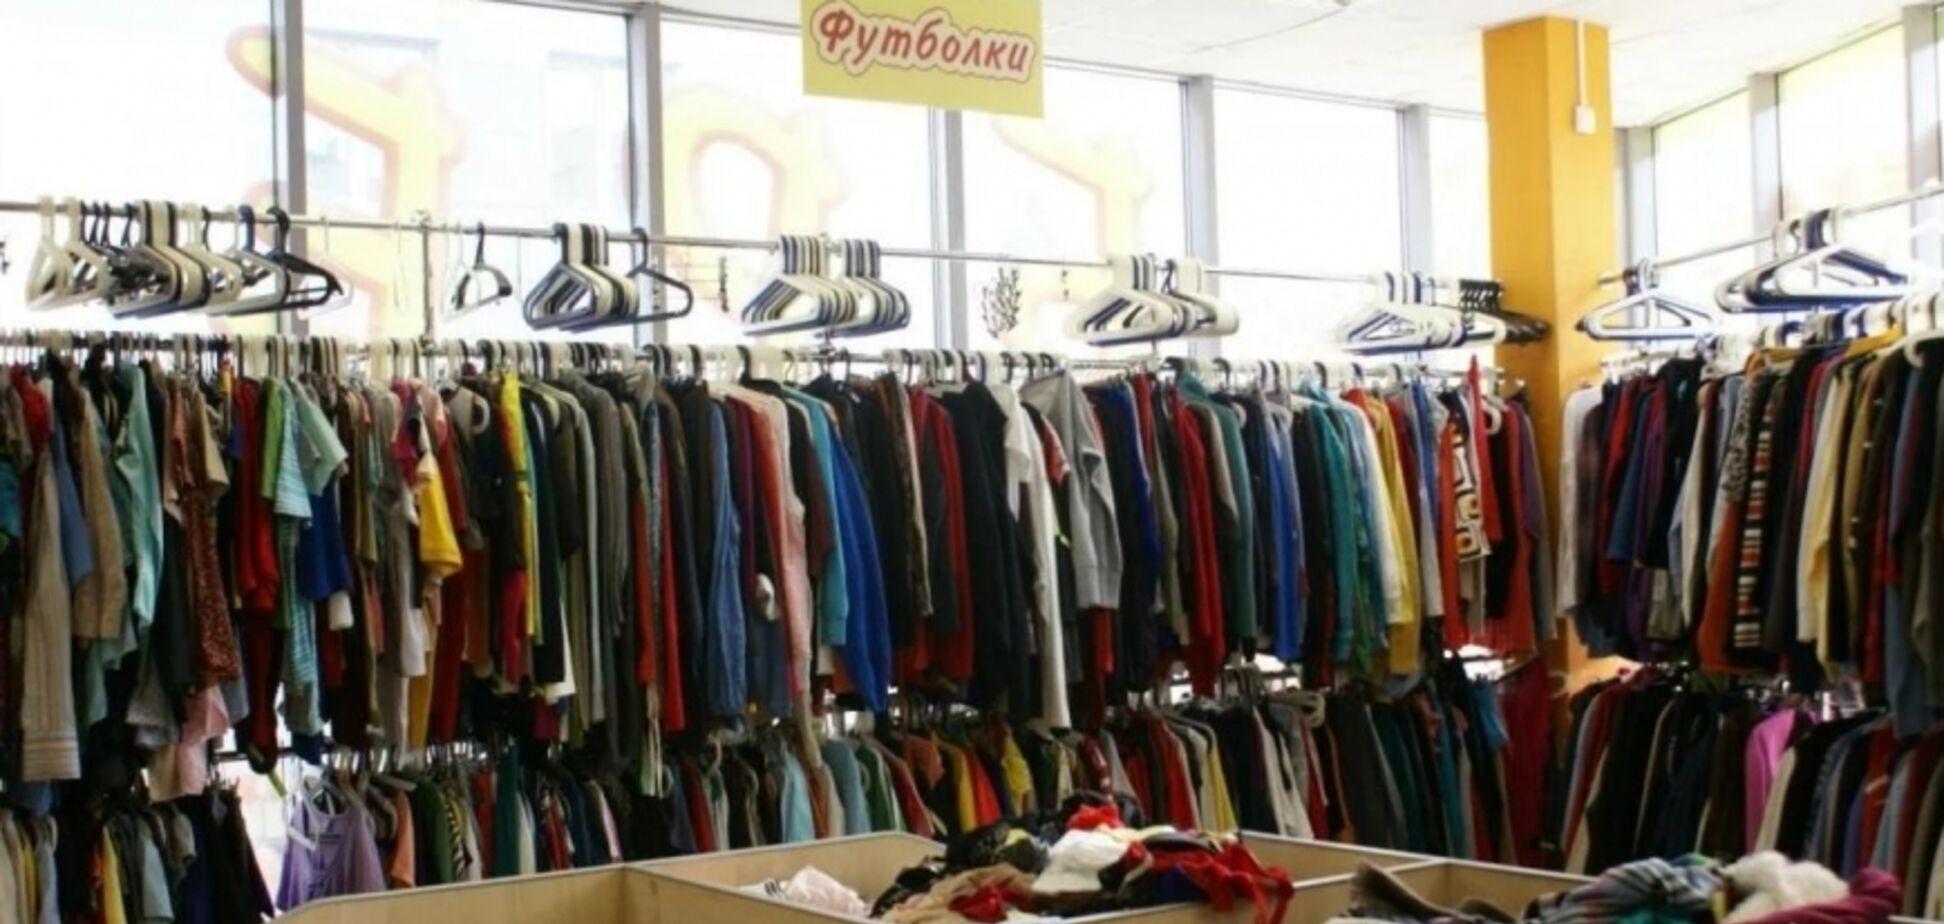 Борьба с 'секонд-хендами': в Кабмине пояснили скандальное решение